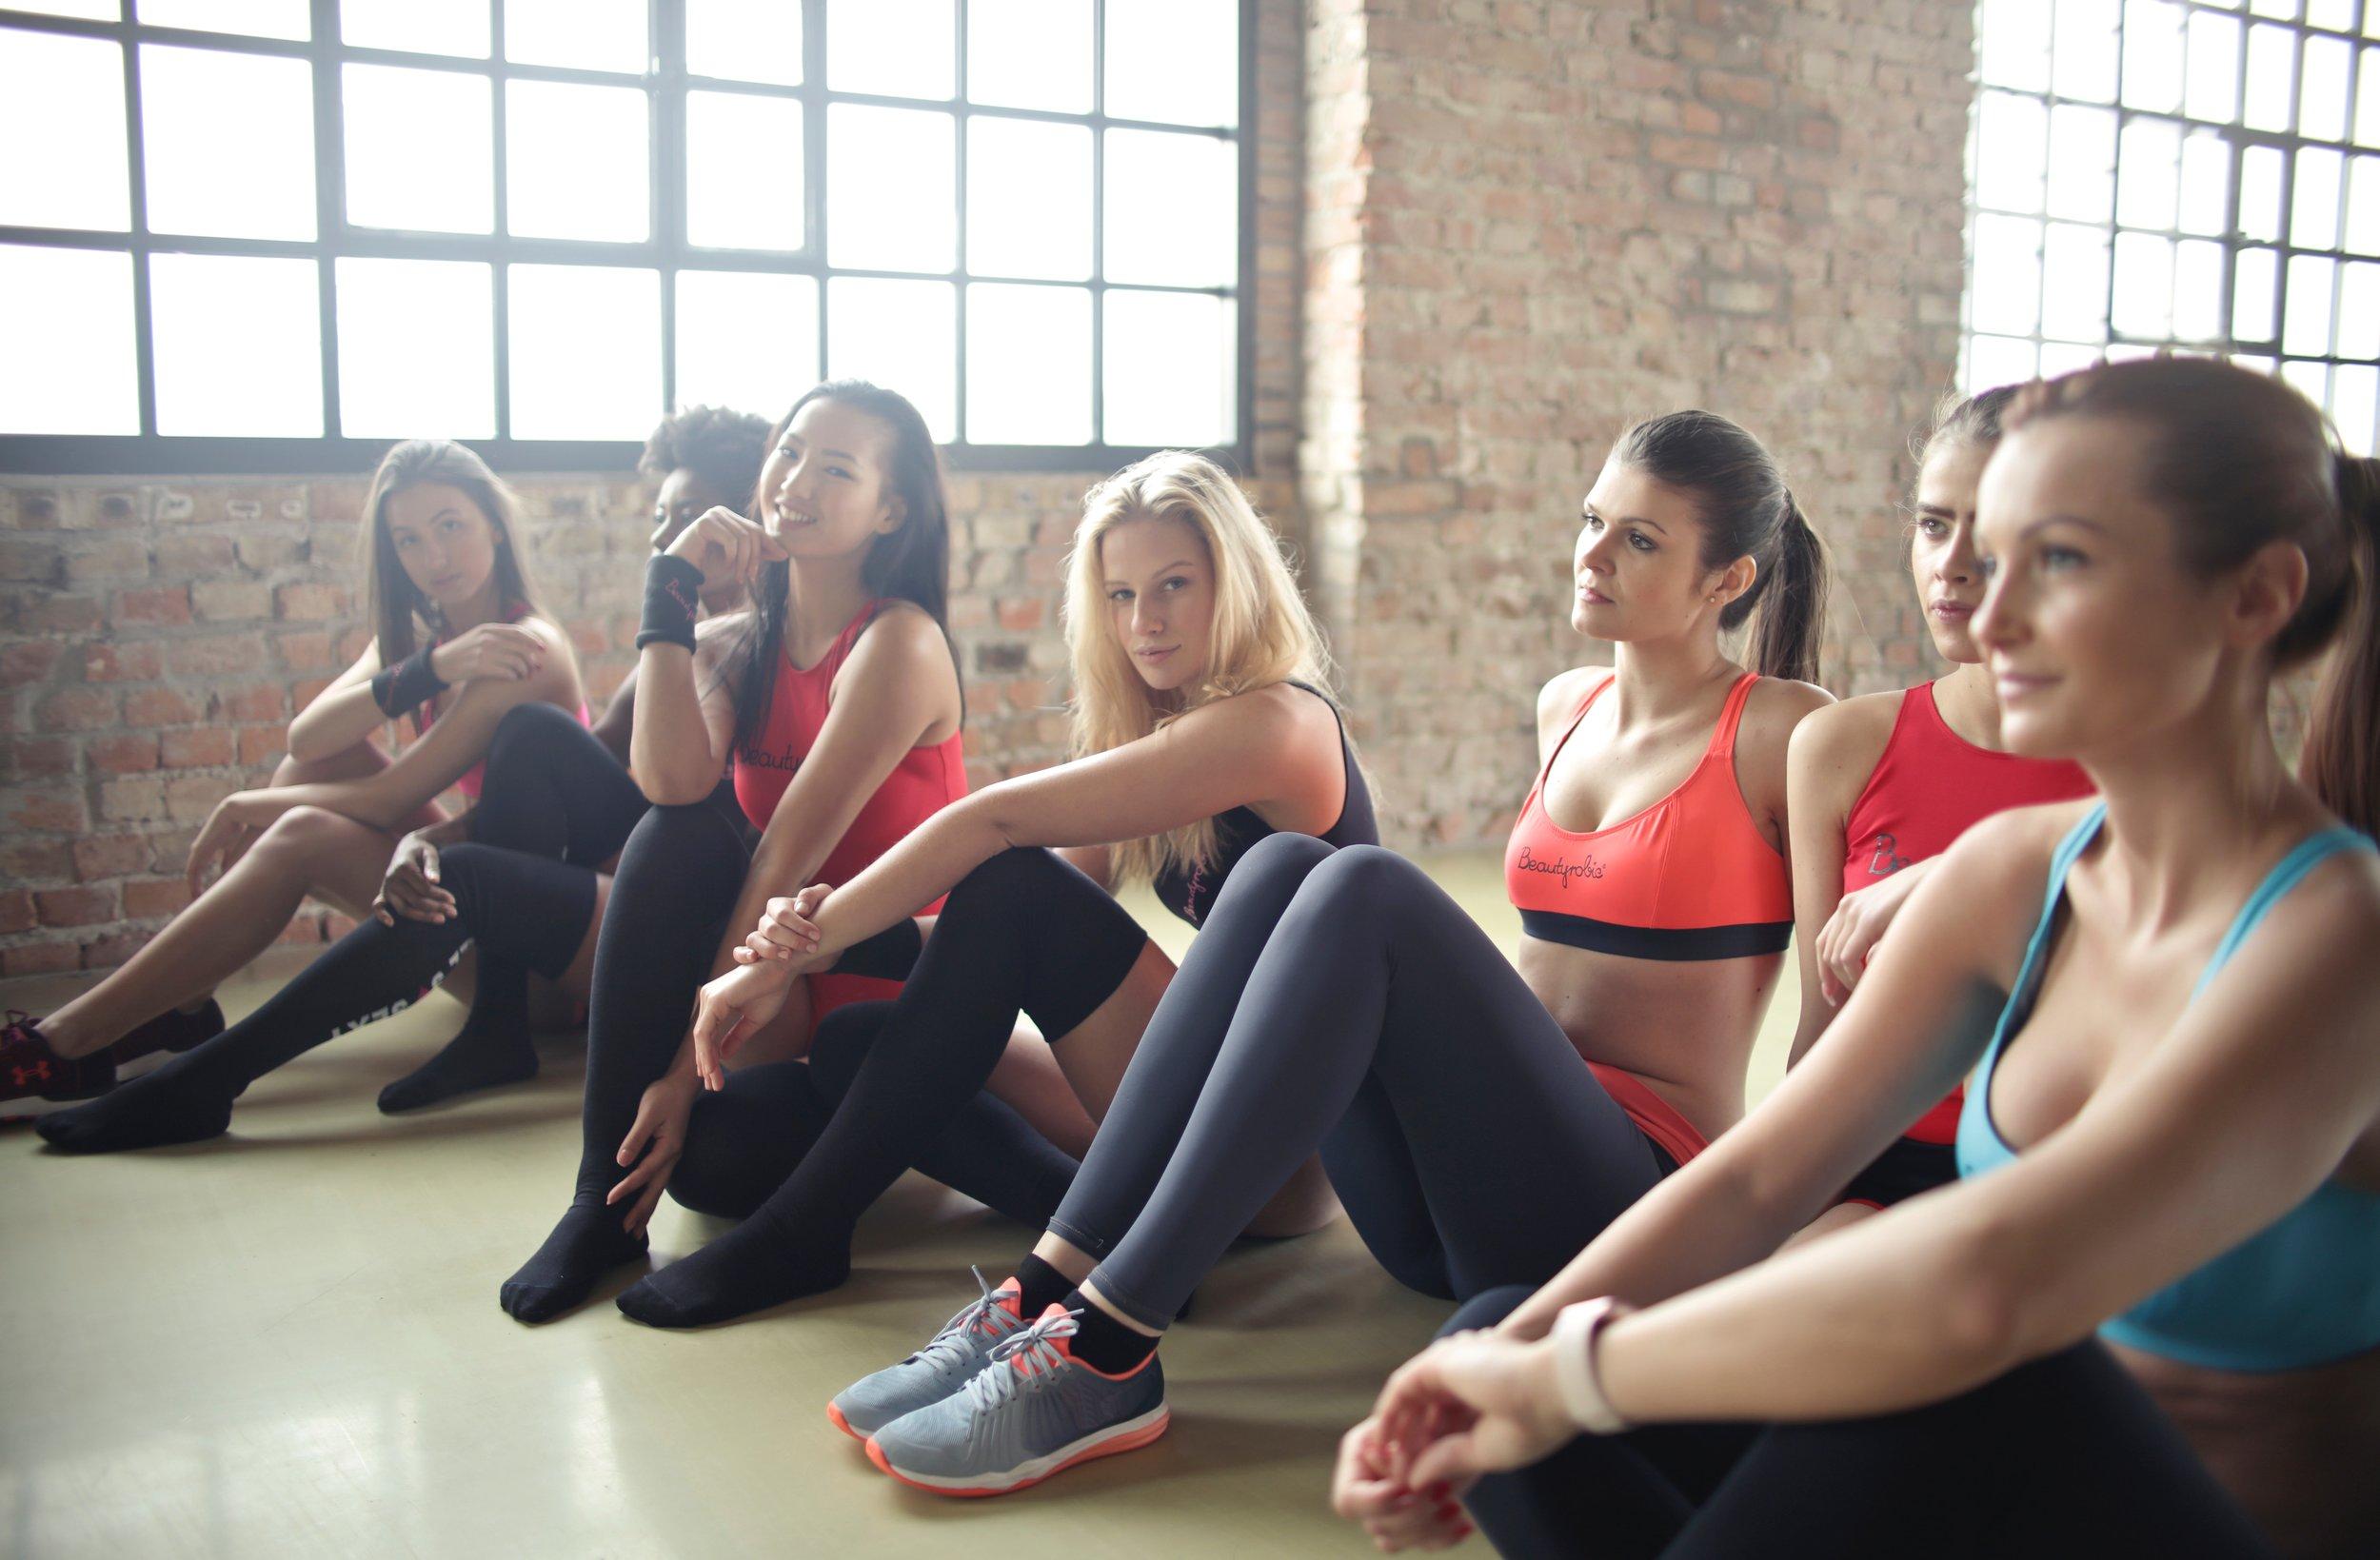 aerobic-break-class-866021.jpg